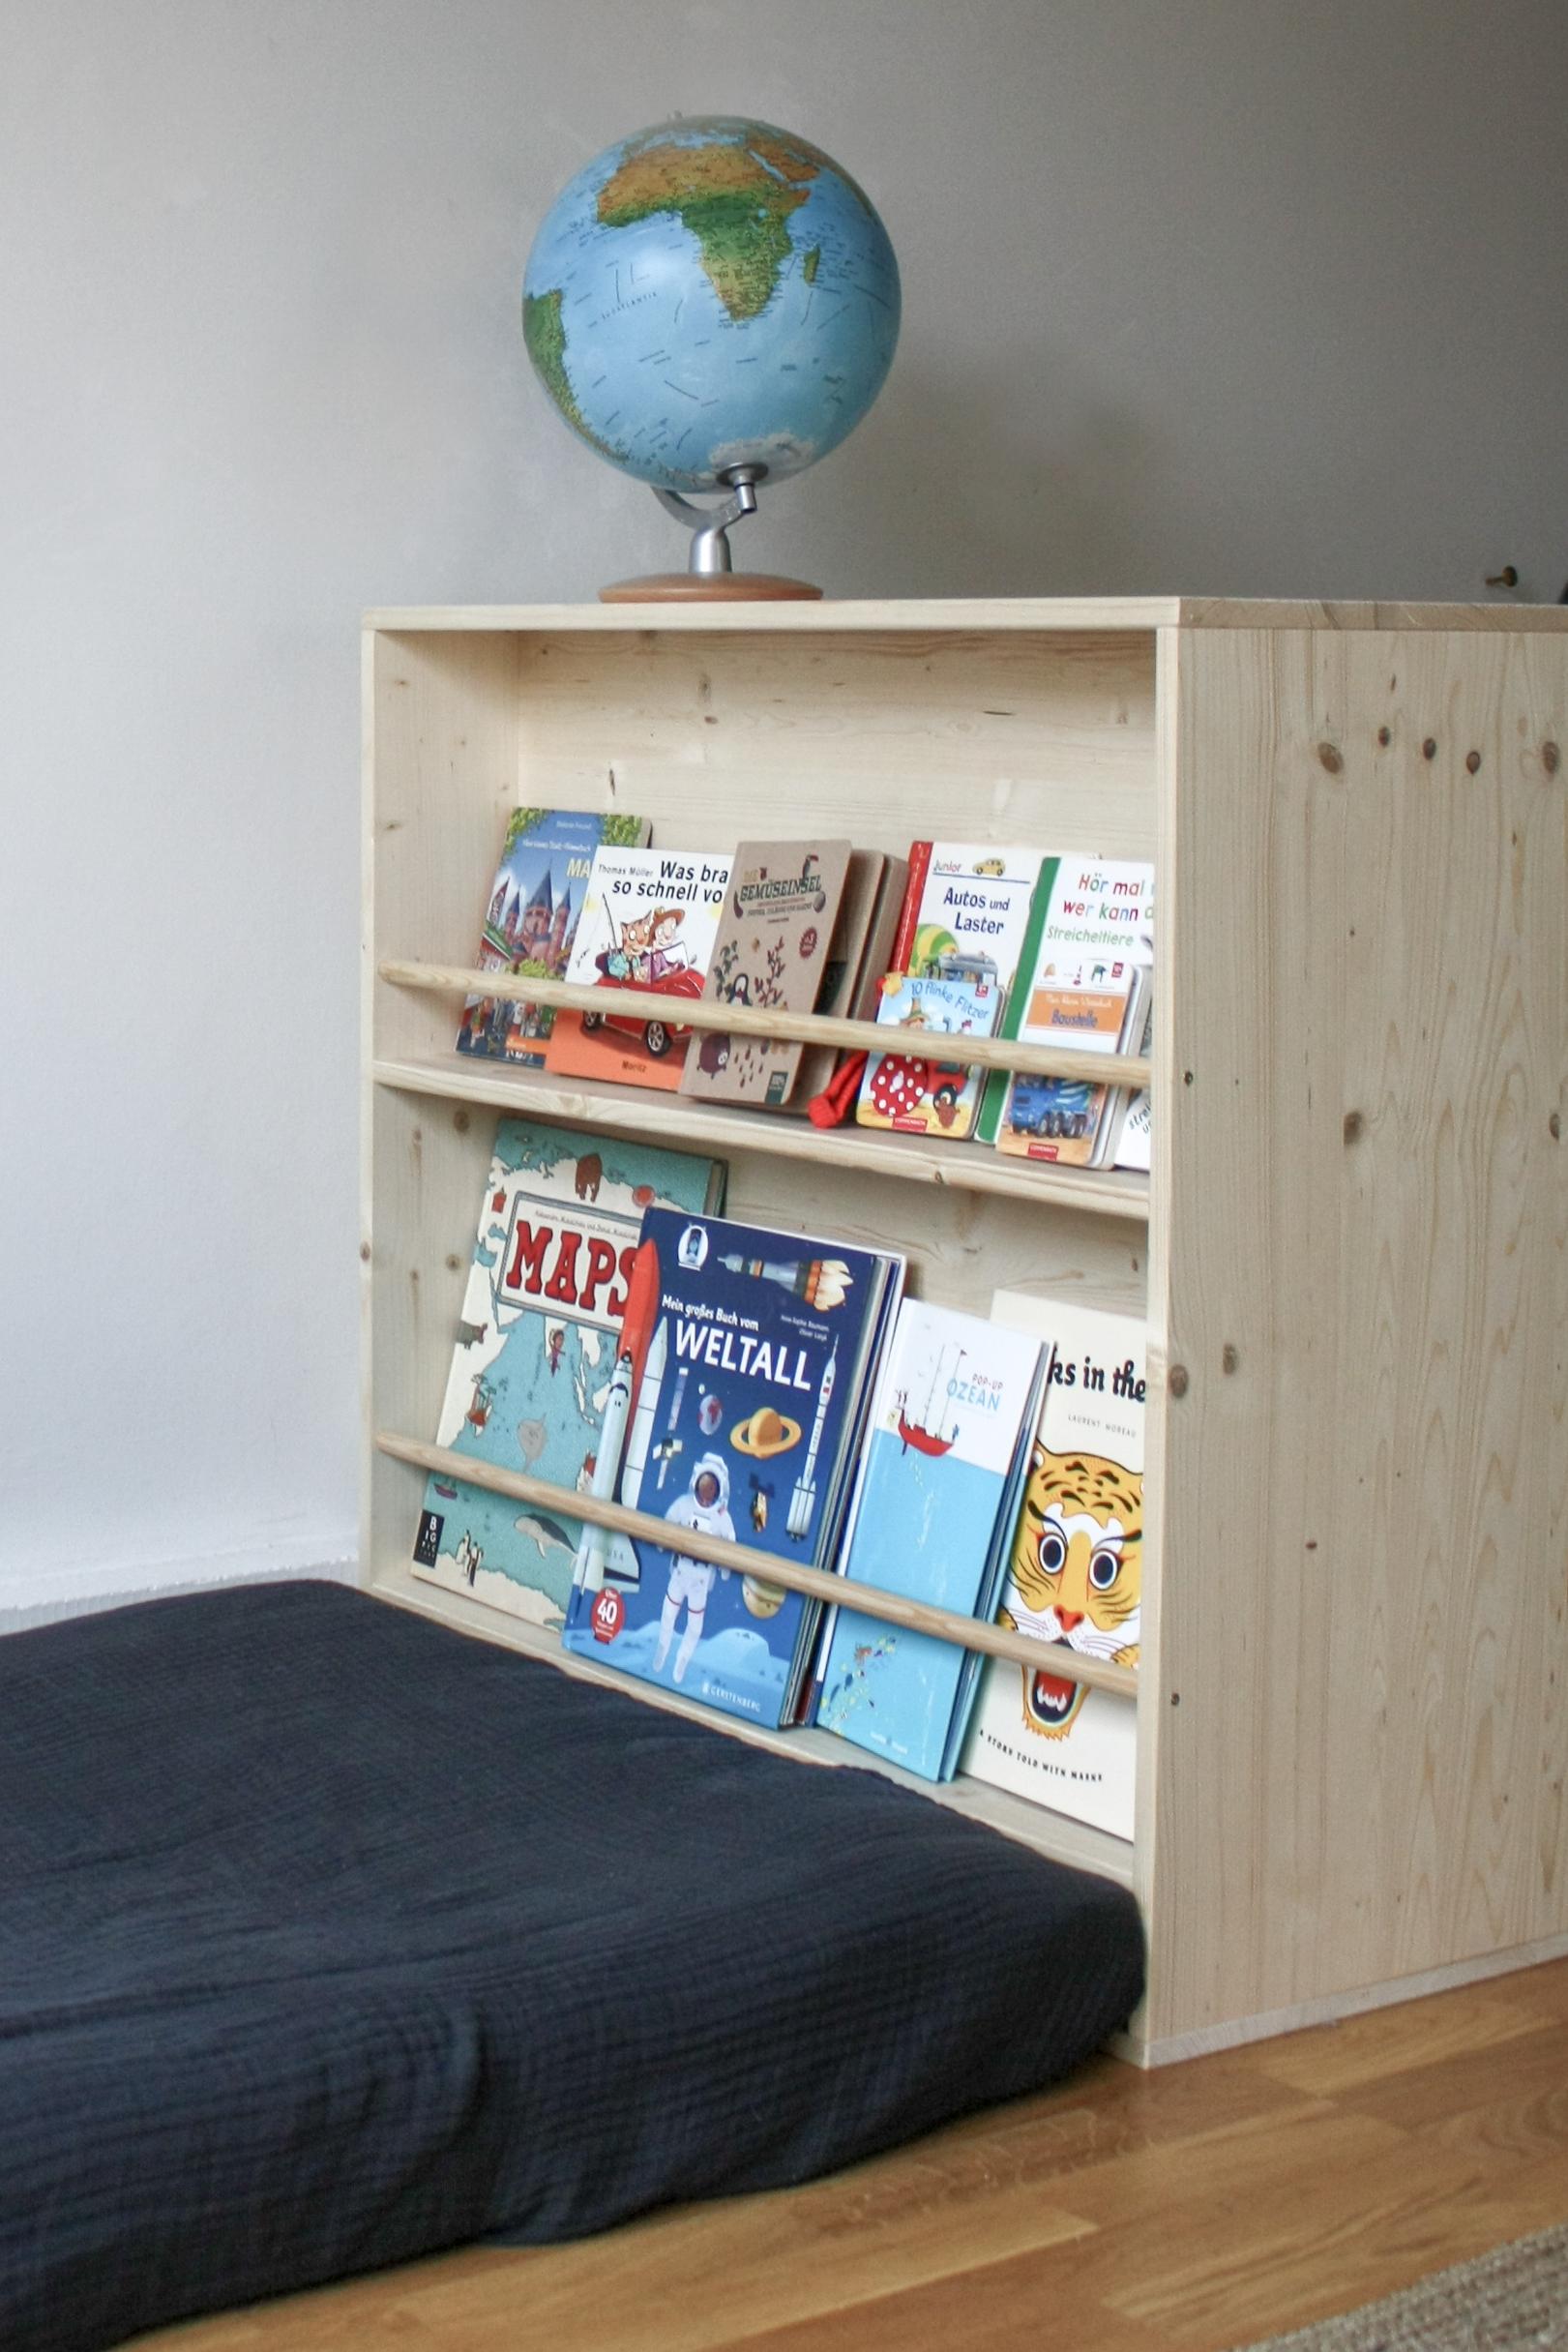 Full Size of Kinderzimmer Bücherregal Diy Montessori Mbel Selber Bauen Kleiderschrank Und Bcherregal Regal Weiß Regale Sofa Kinderzimmer Kinderzimmer Bücherregal